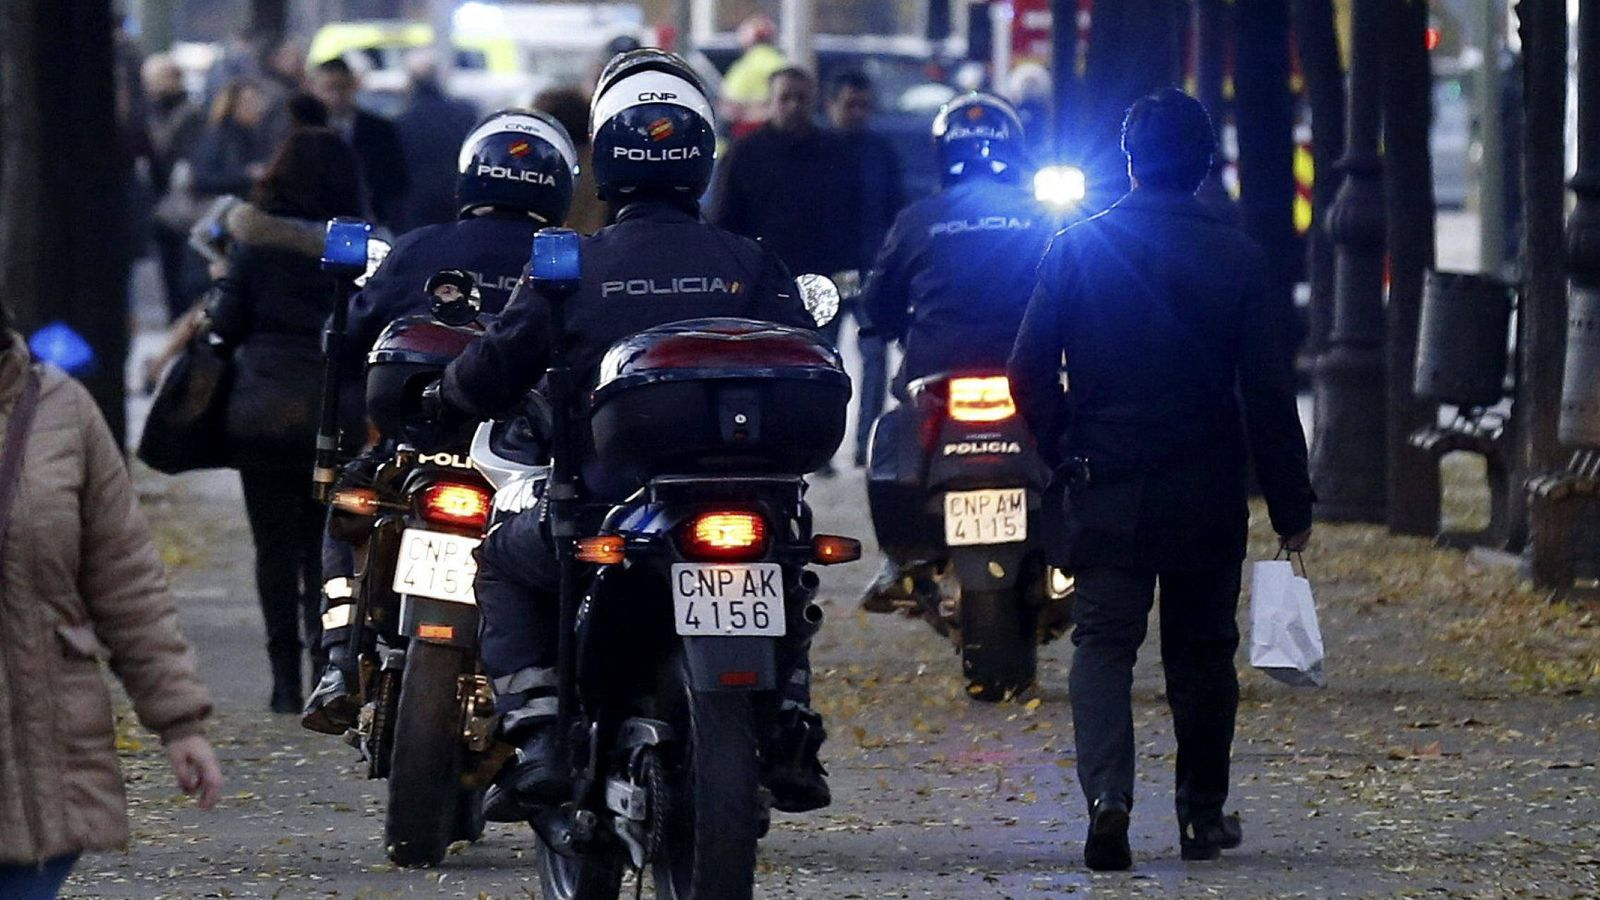 Foto: Agentes de la Policía Nacional. (EFE)